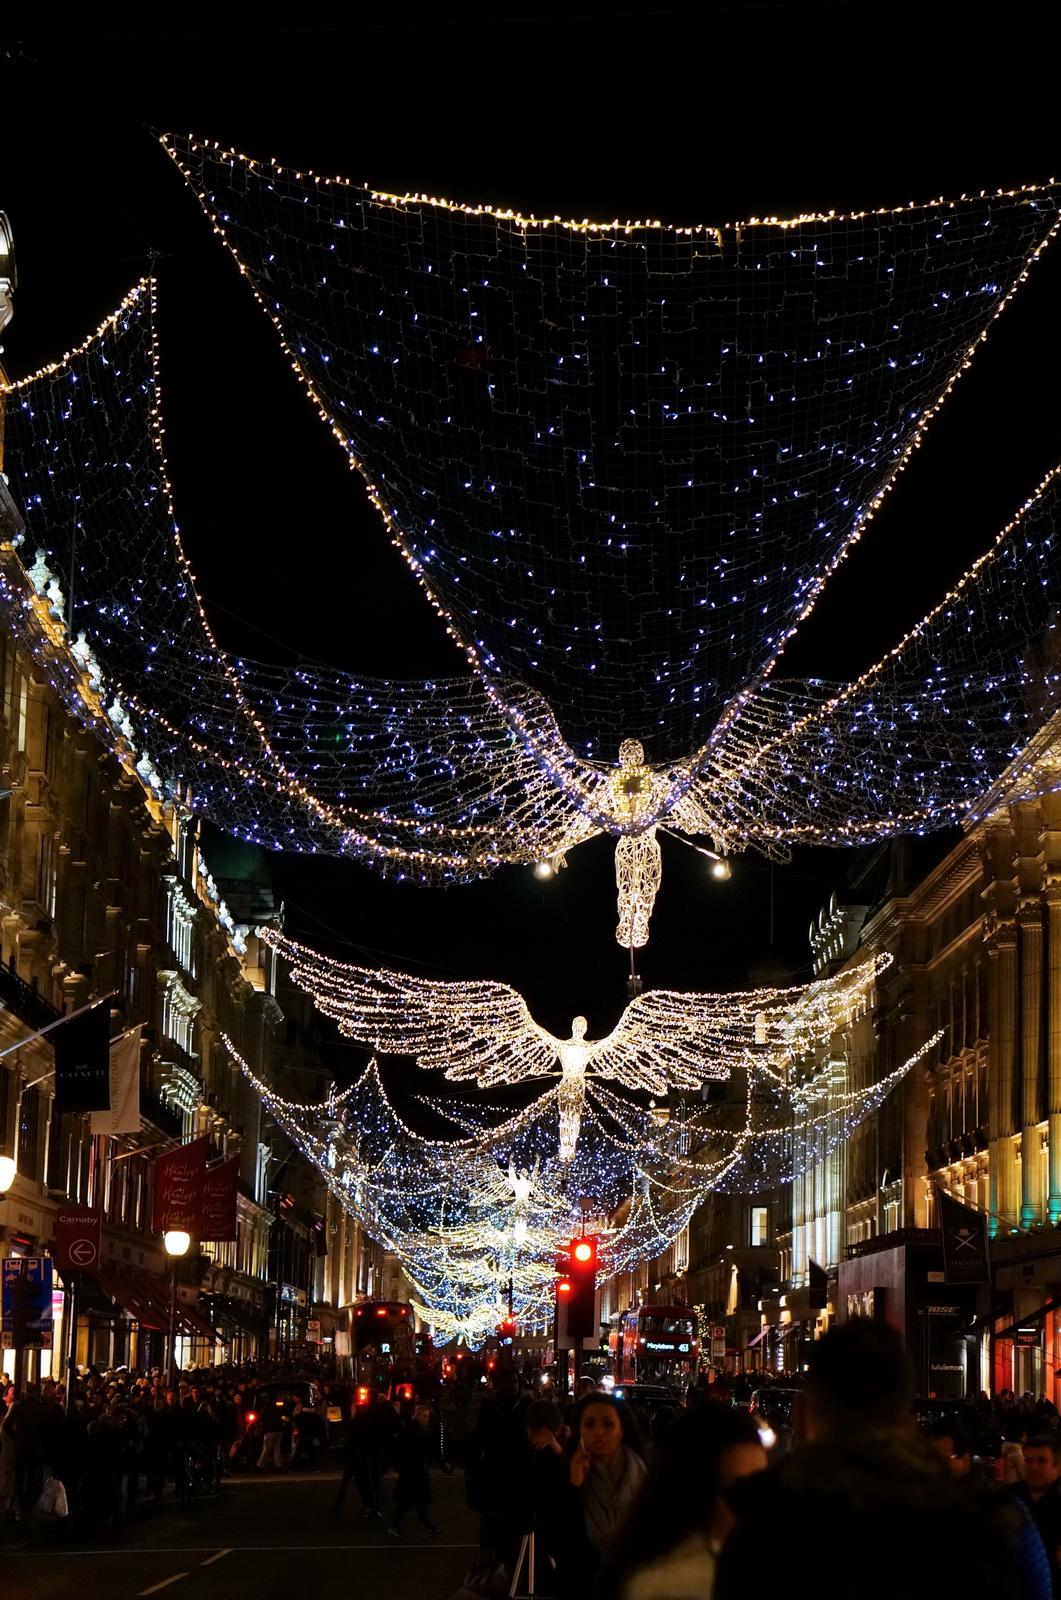 londres noël, illuminations noël, londres de nuit, london by night, londres féérique, décorations Noël Londres, london city guide, oxford street